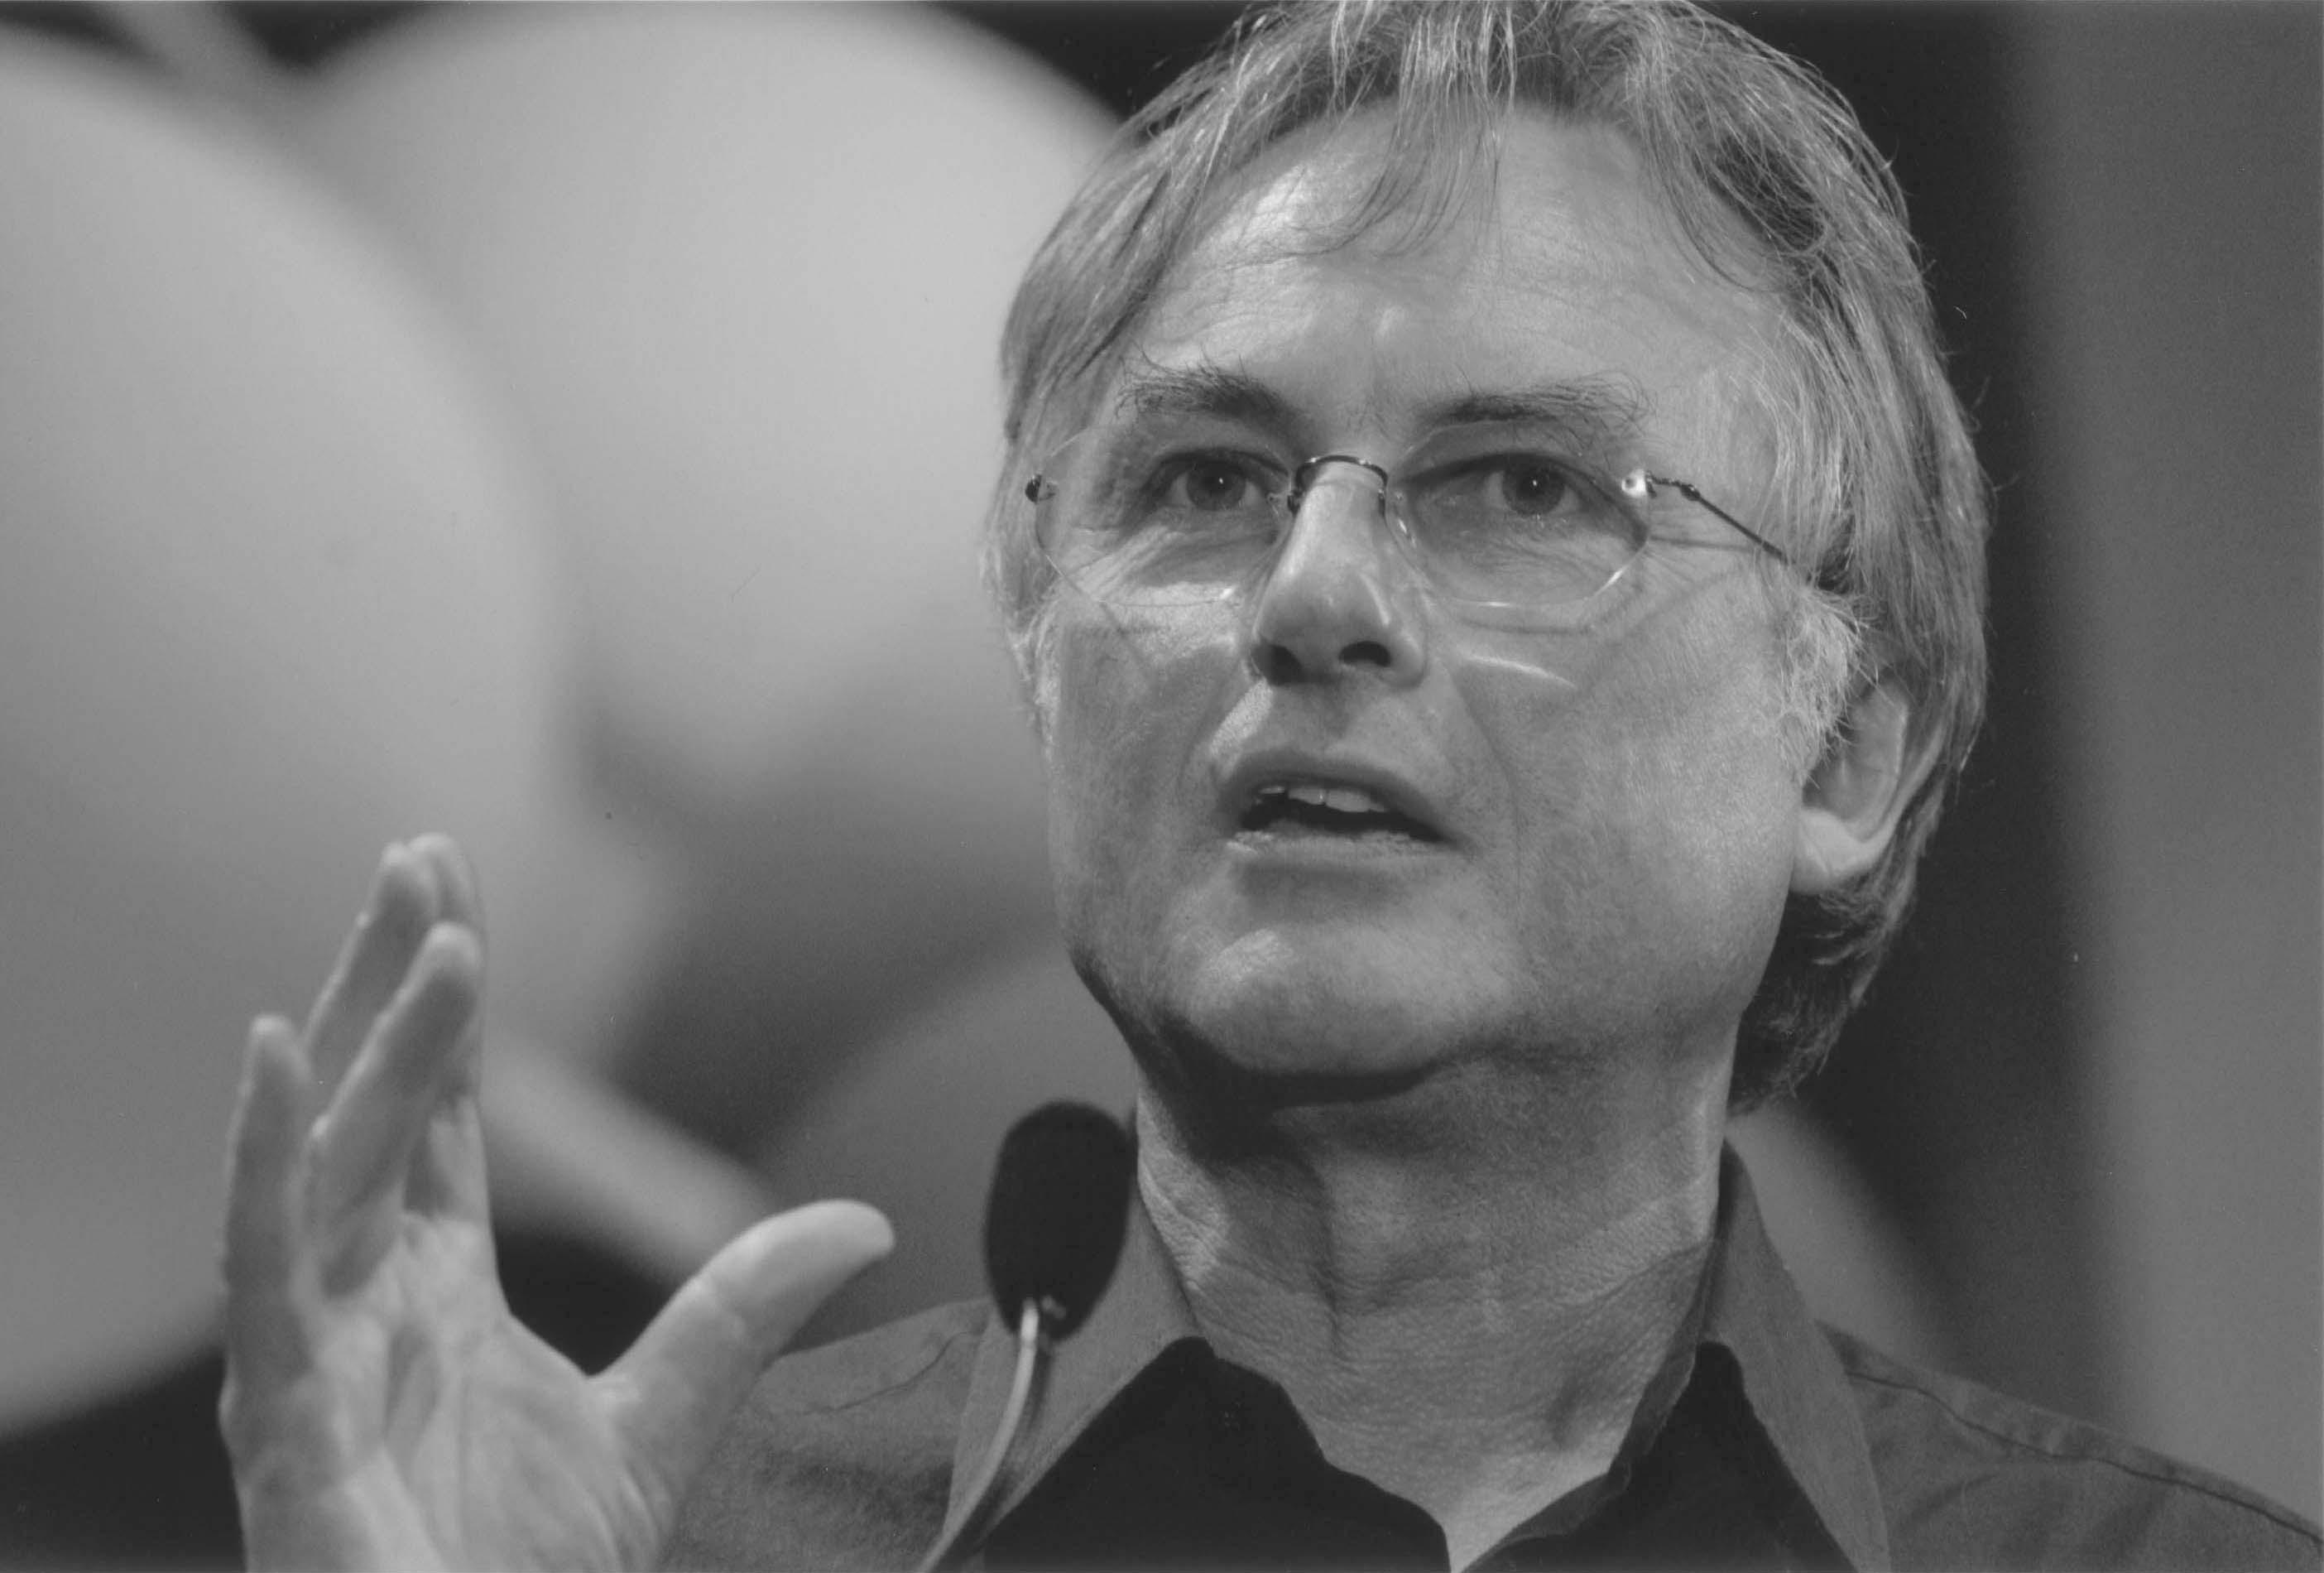 Richard Dawkins, Akraba Seçilimi'nin ve ilişkili kavramlarının günümüzdeki en meşhur savunucularından birisidir.